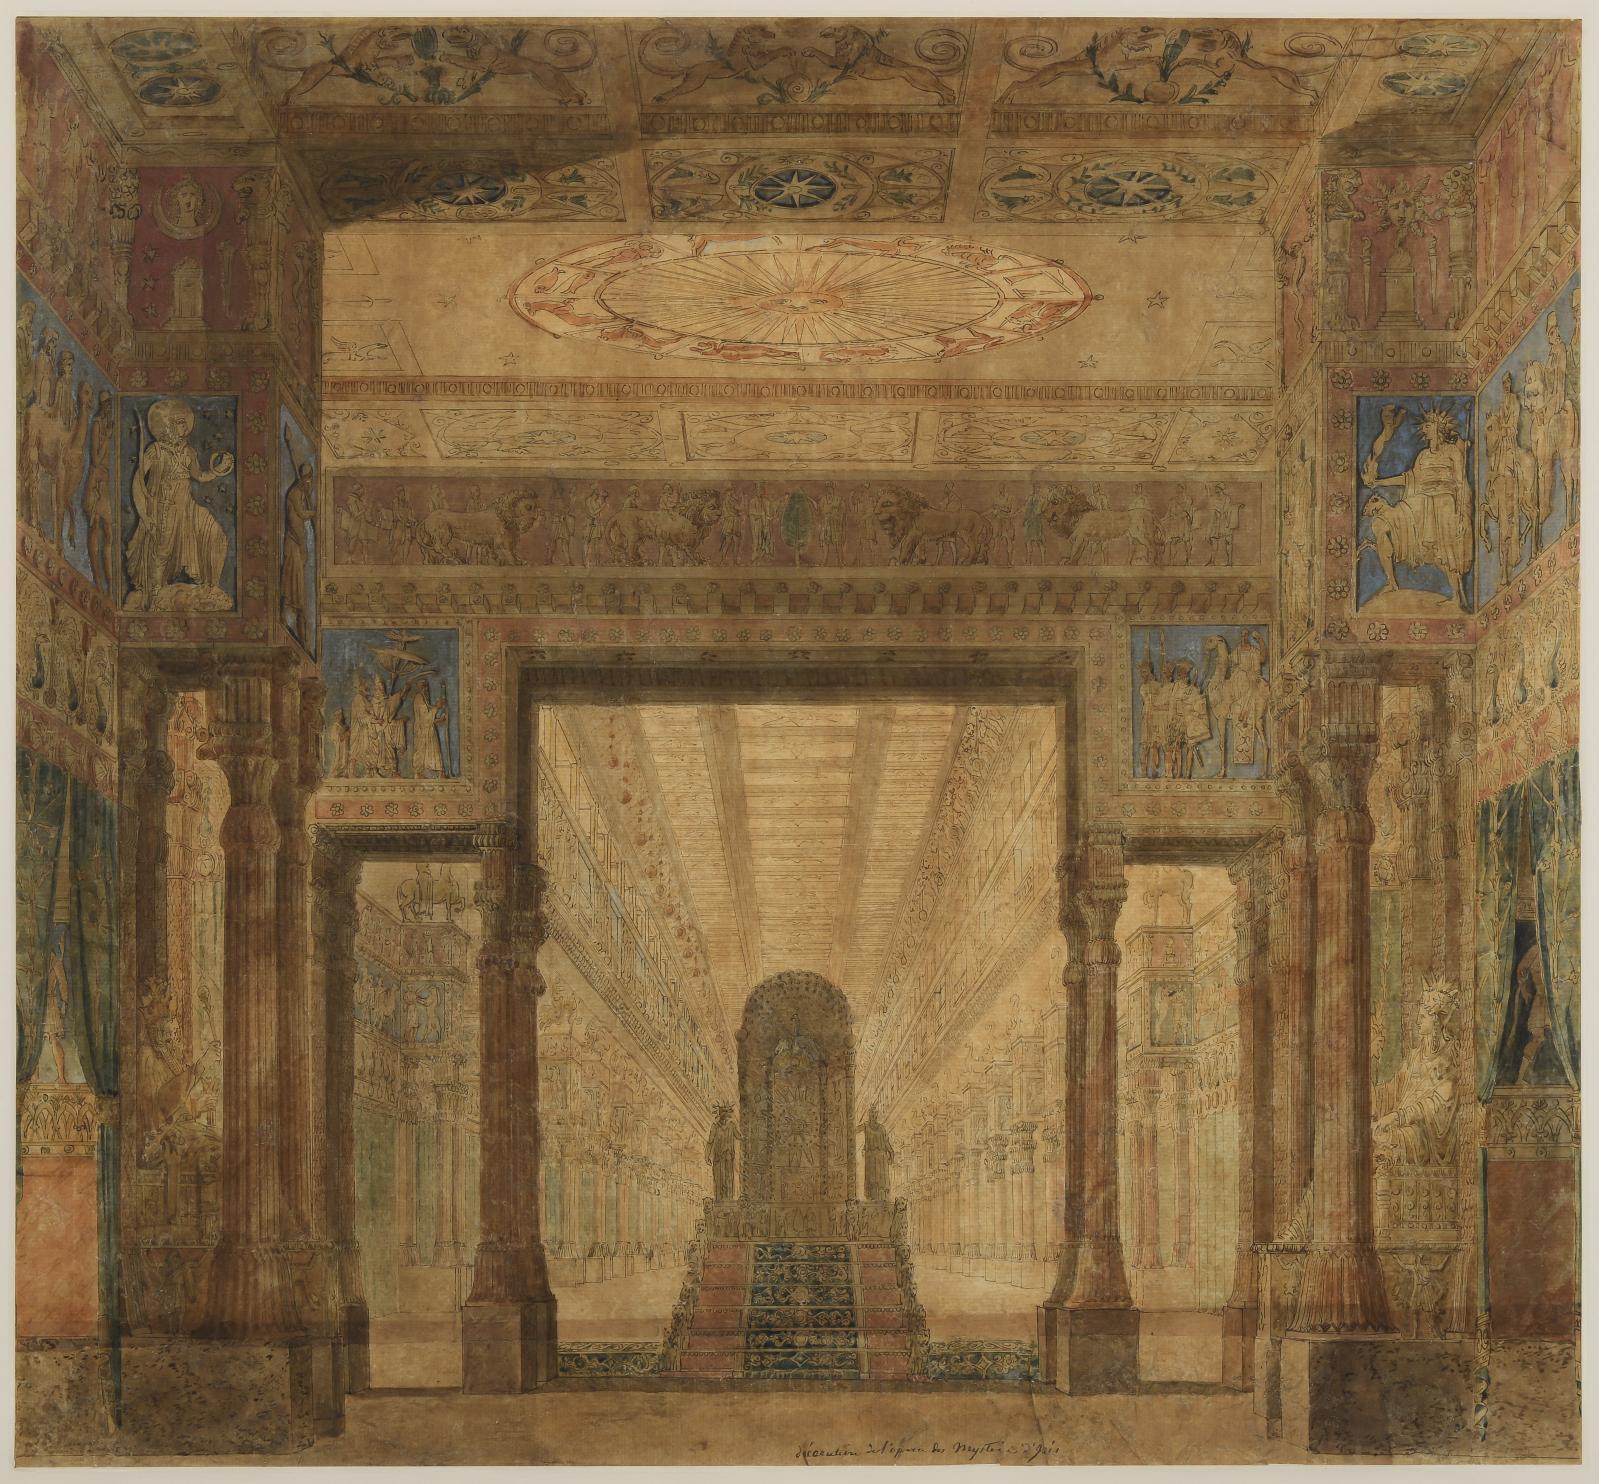 Charles Percier(1764-1838), projet de décor pour Les Mystères d'Isis, 1801.